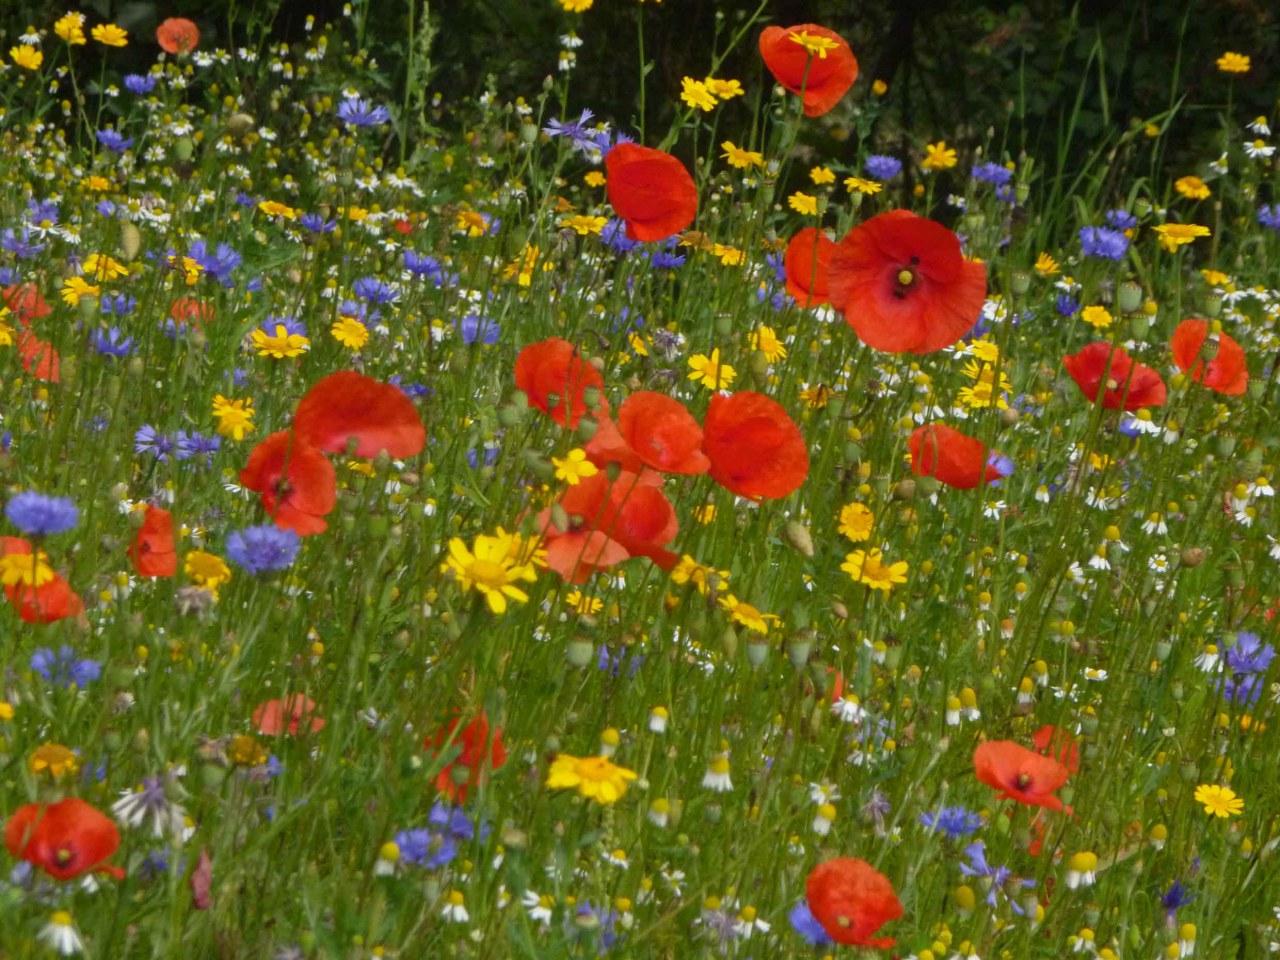 Fleurs des champs 50 gr jardin de sauveterre fleurs des champs 50 gr thecheapjerseys Image collections